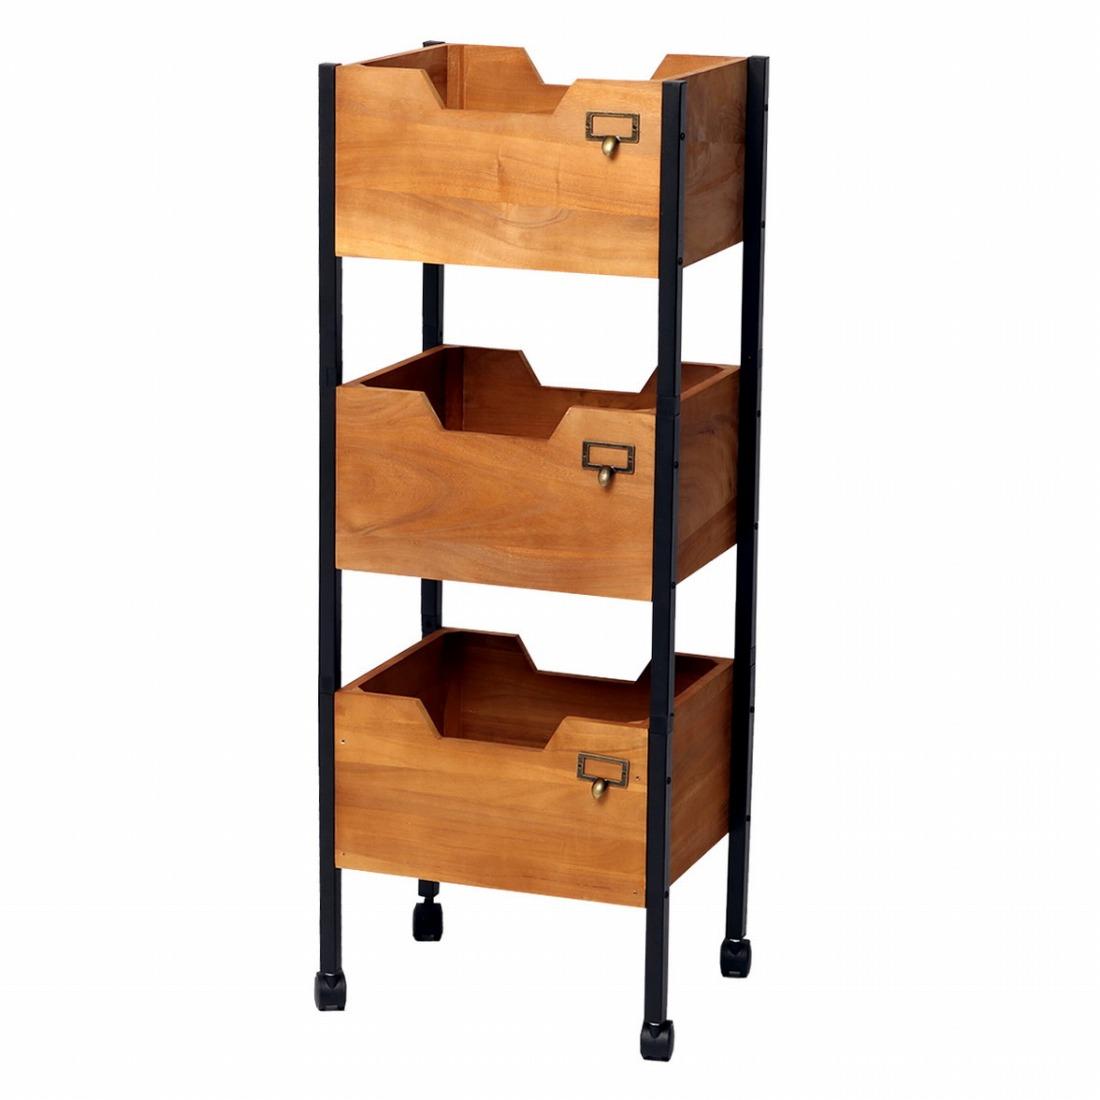 天然木製スタッキングボックス「Raku-en」3段セット 簡単組立 収納 キャスターアンティーク モダン ナチュラル(代引不可)【送料無料】